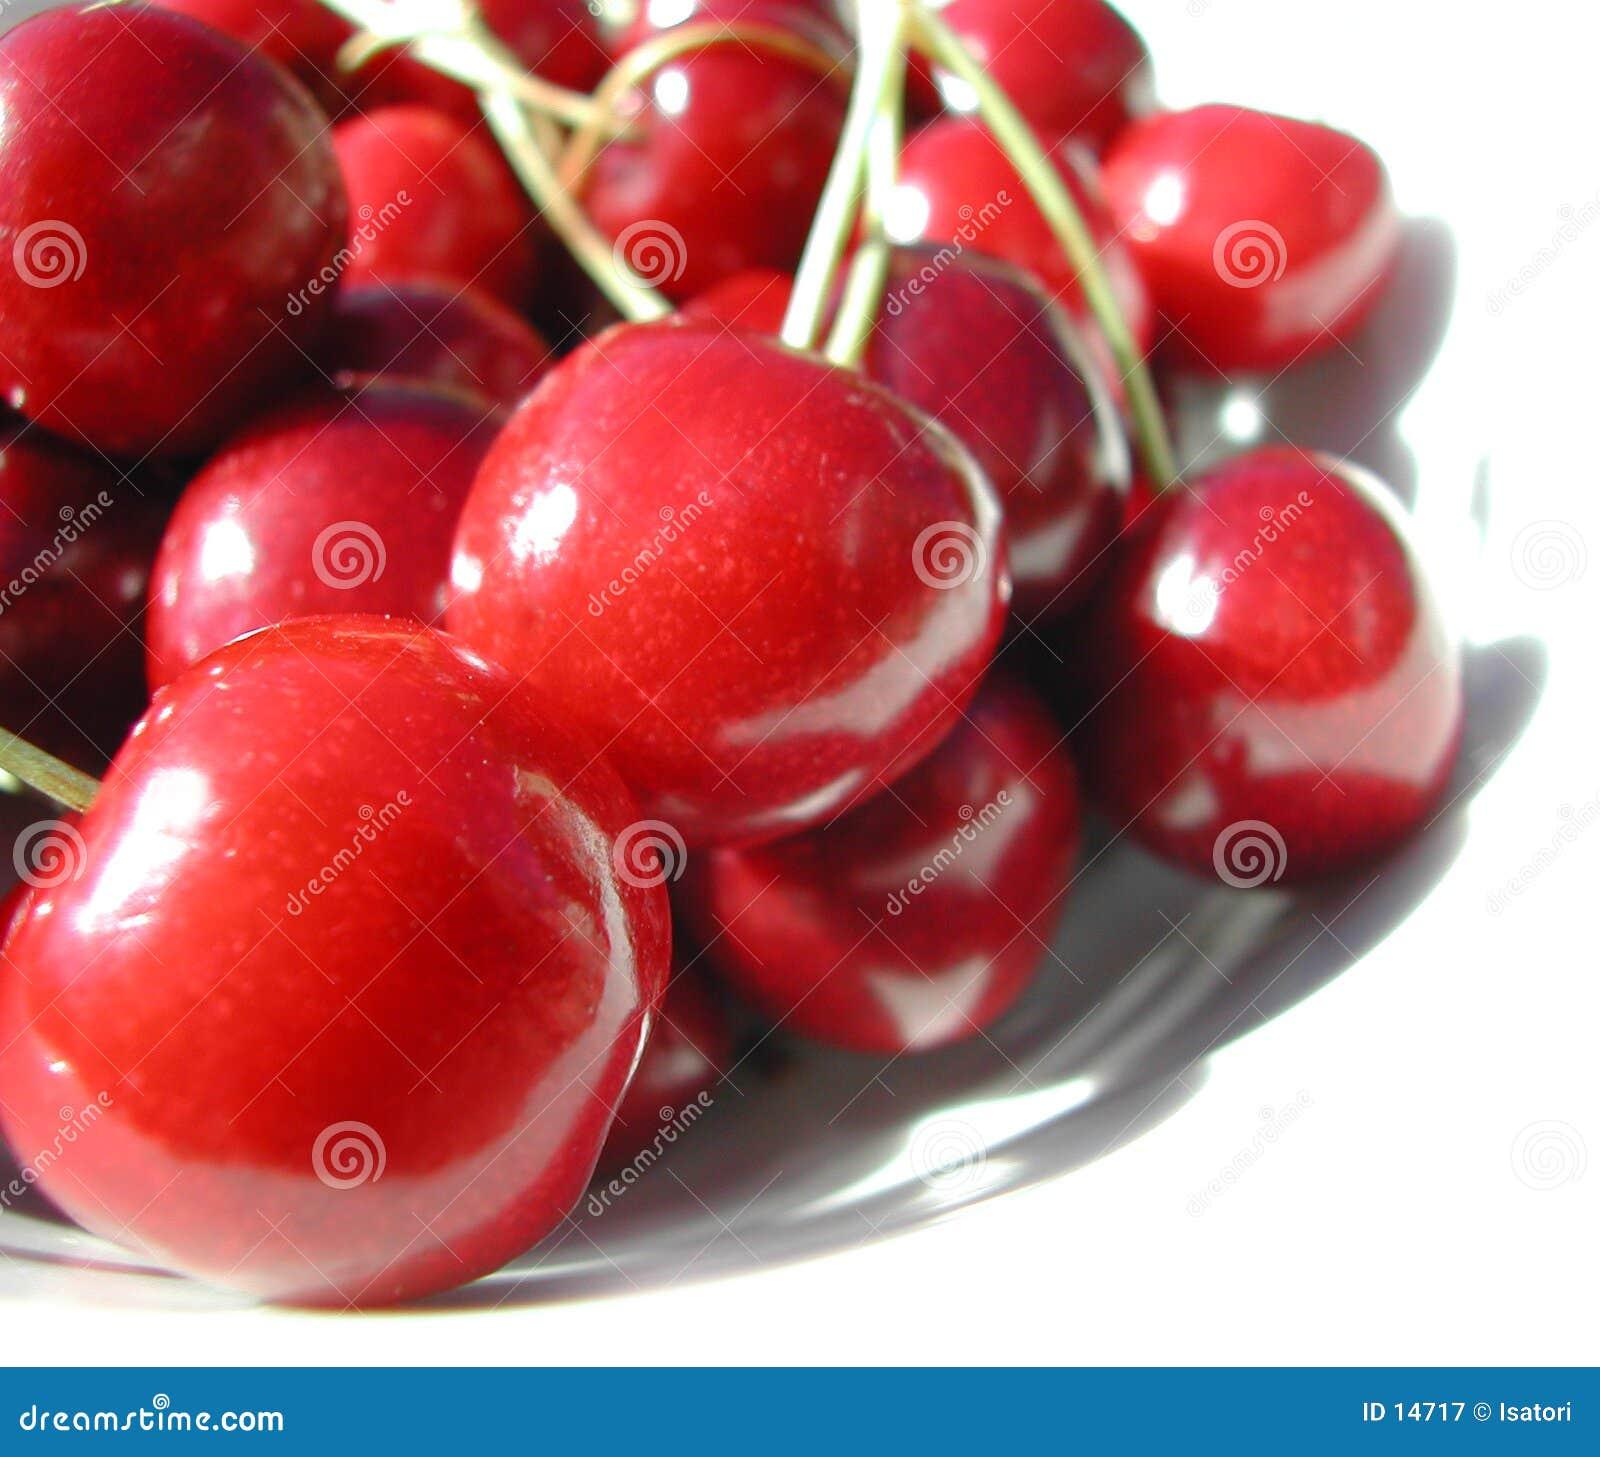 Cerejas vermelhas em uma placa